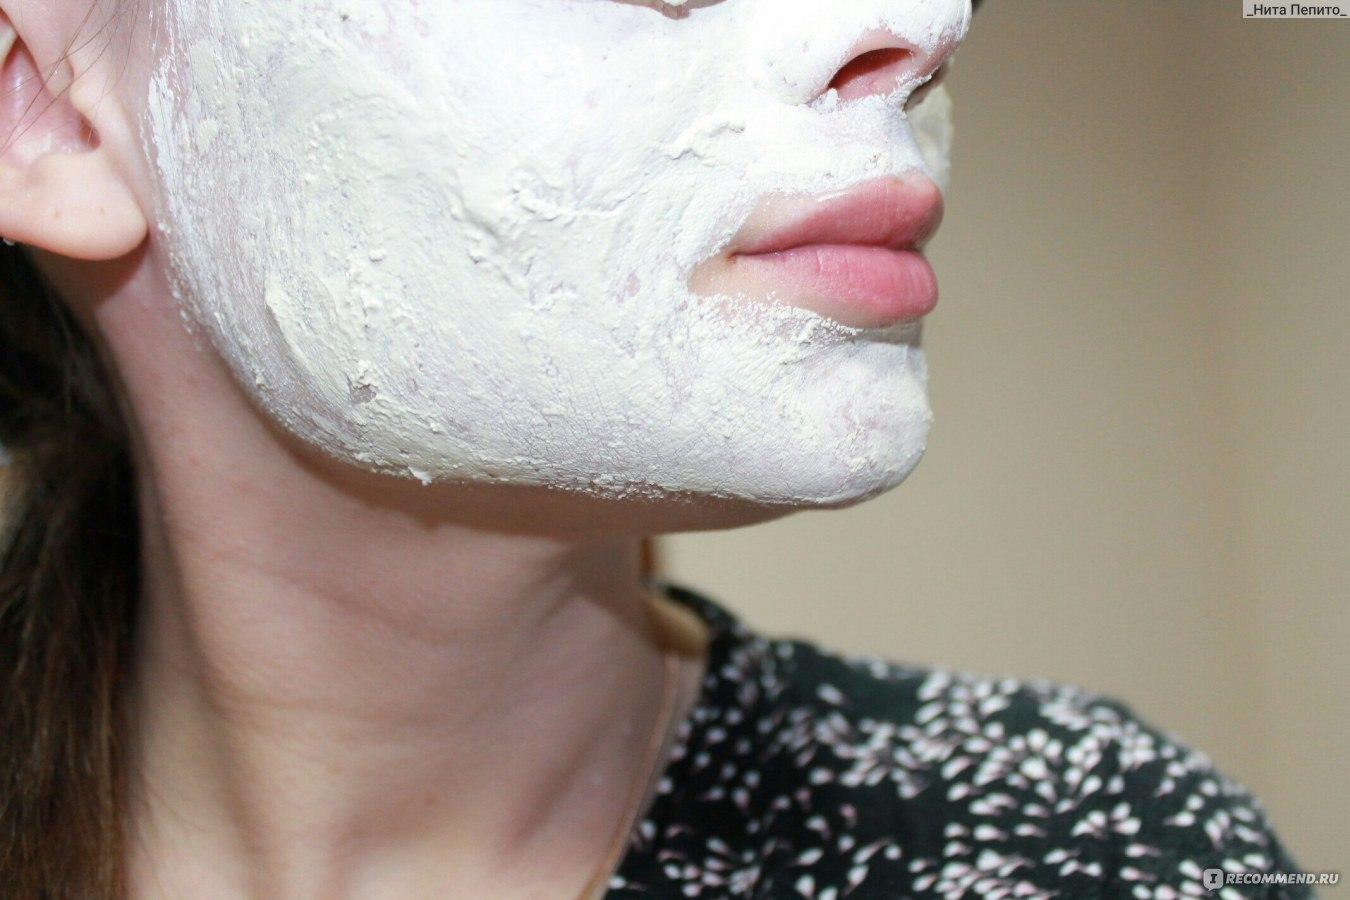 маска из аспирина отзывы фото недавно